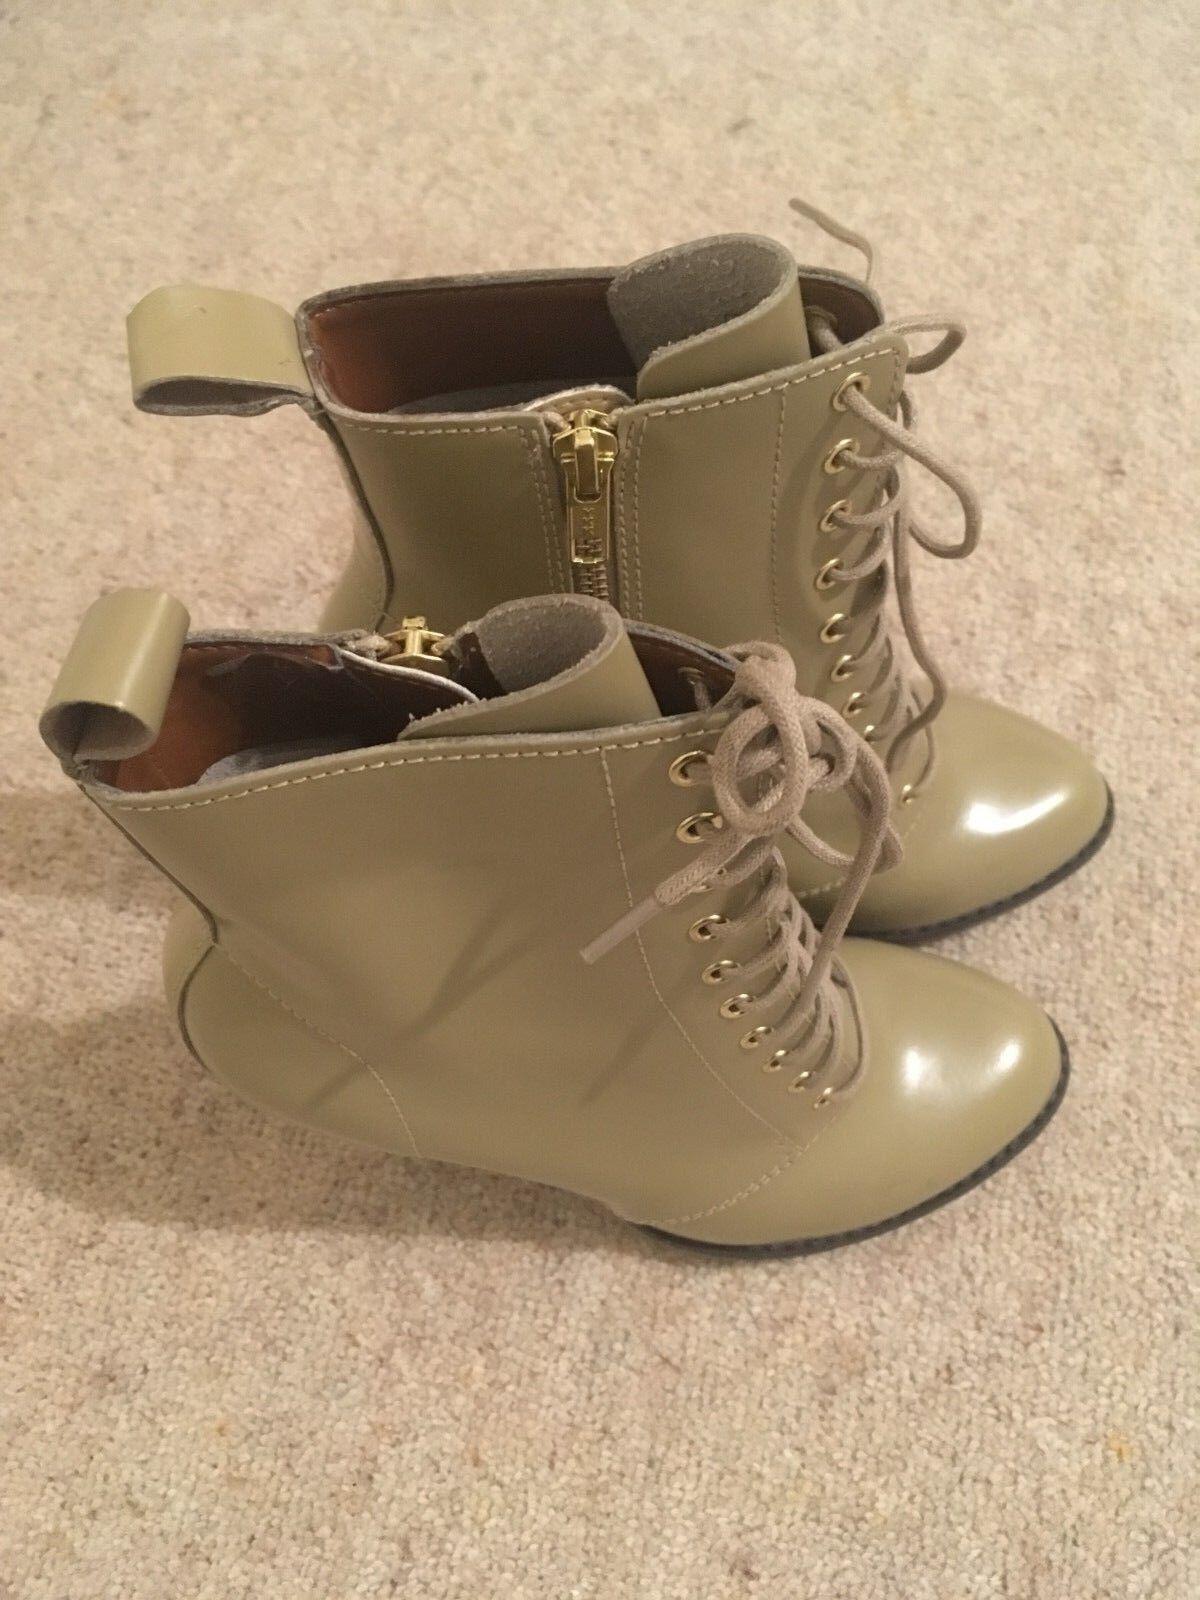 Dr Martens 10 Agujeros botas al Tobillo Zita Kimora Kimora Kimora Buff Original Talla 4 (37)  Ahorre 35% - 70% de descuento